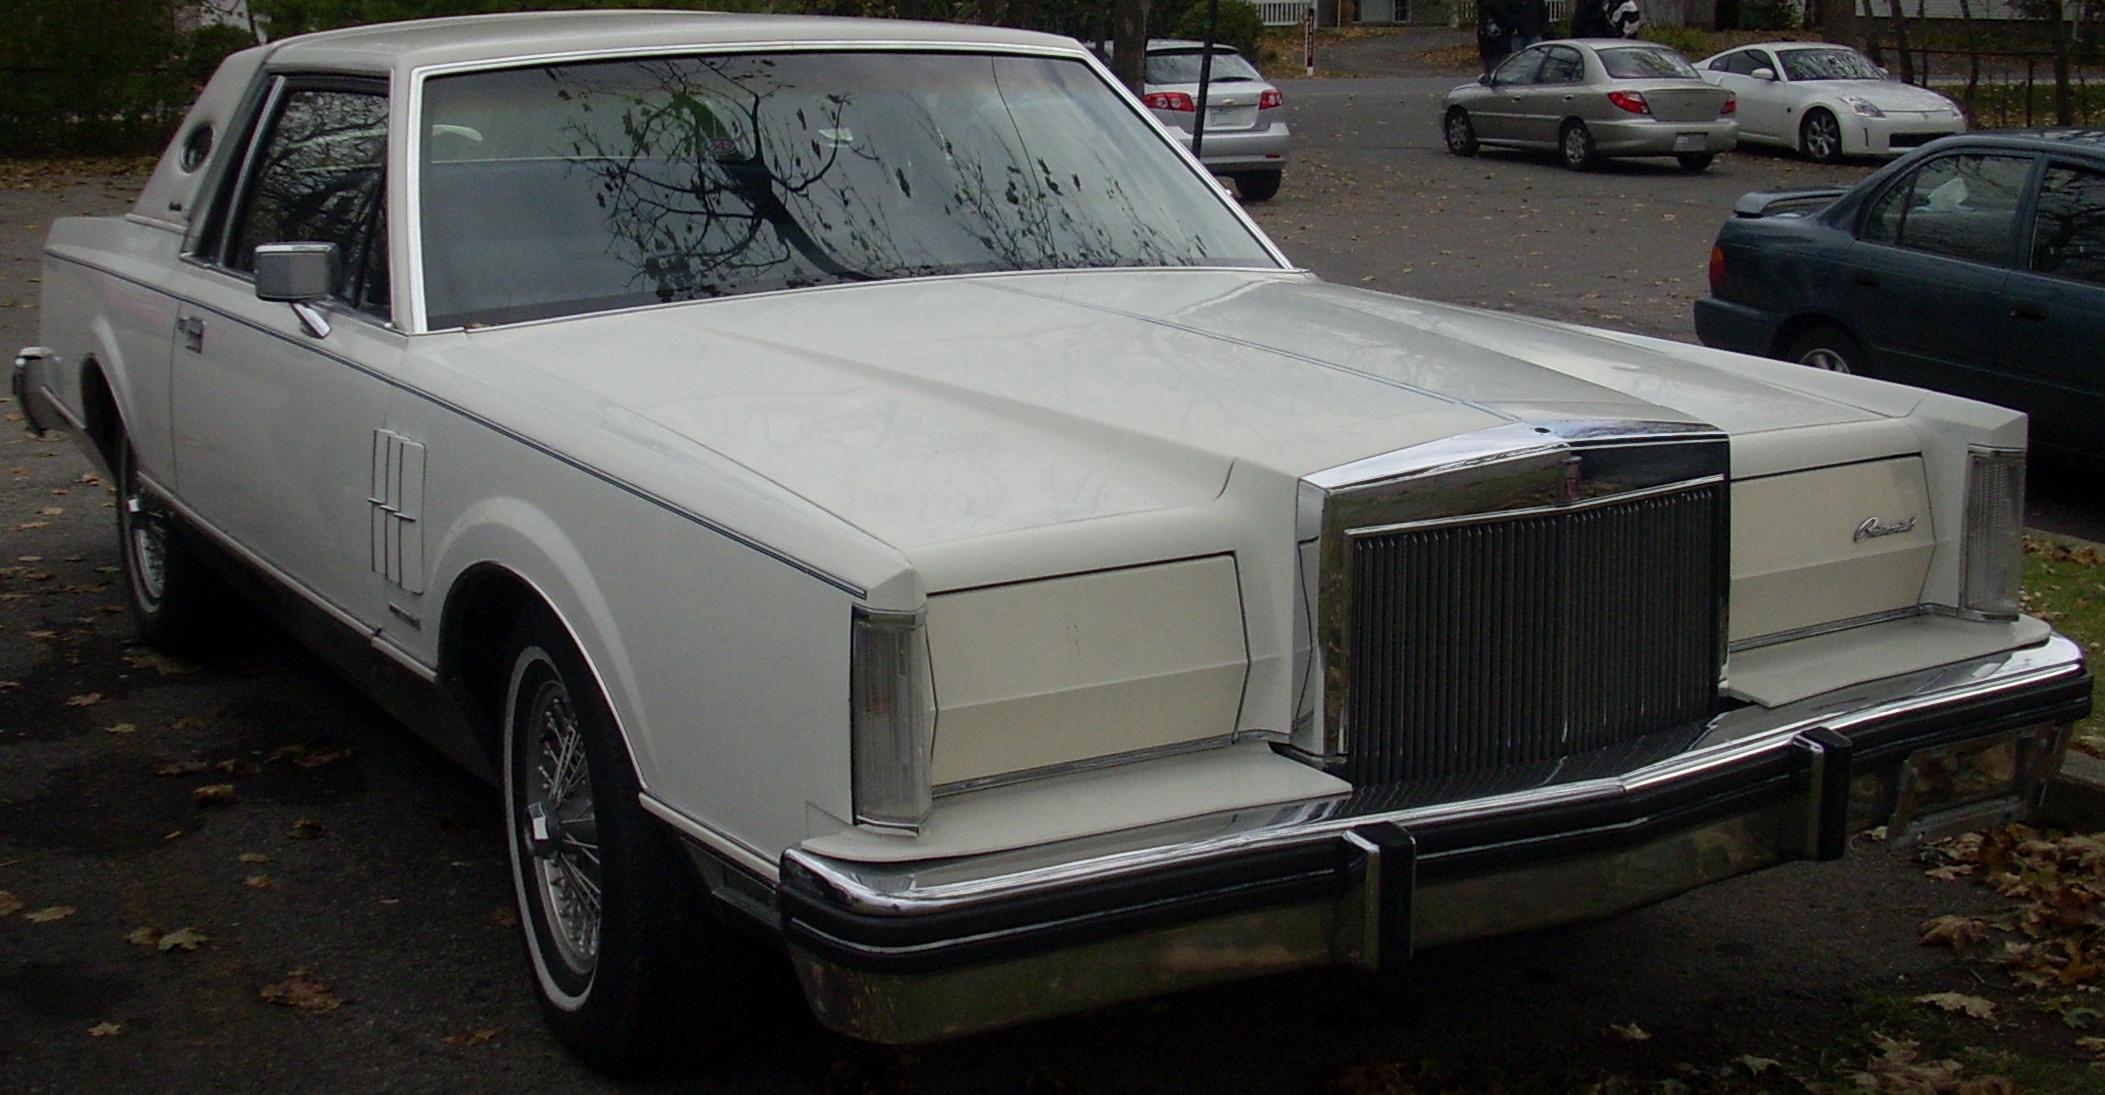 File:'80-'83 Lincoln Continental Mark VI.JPG - Wikimedia Commons